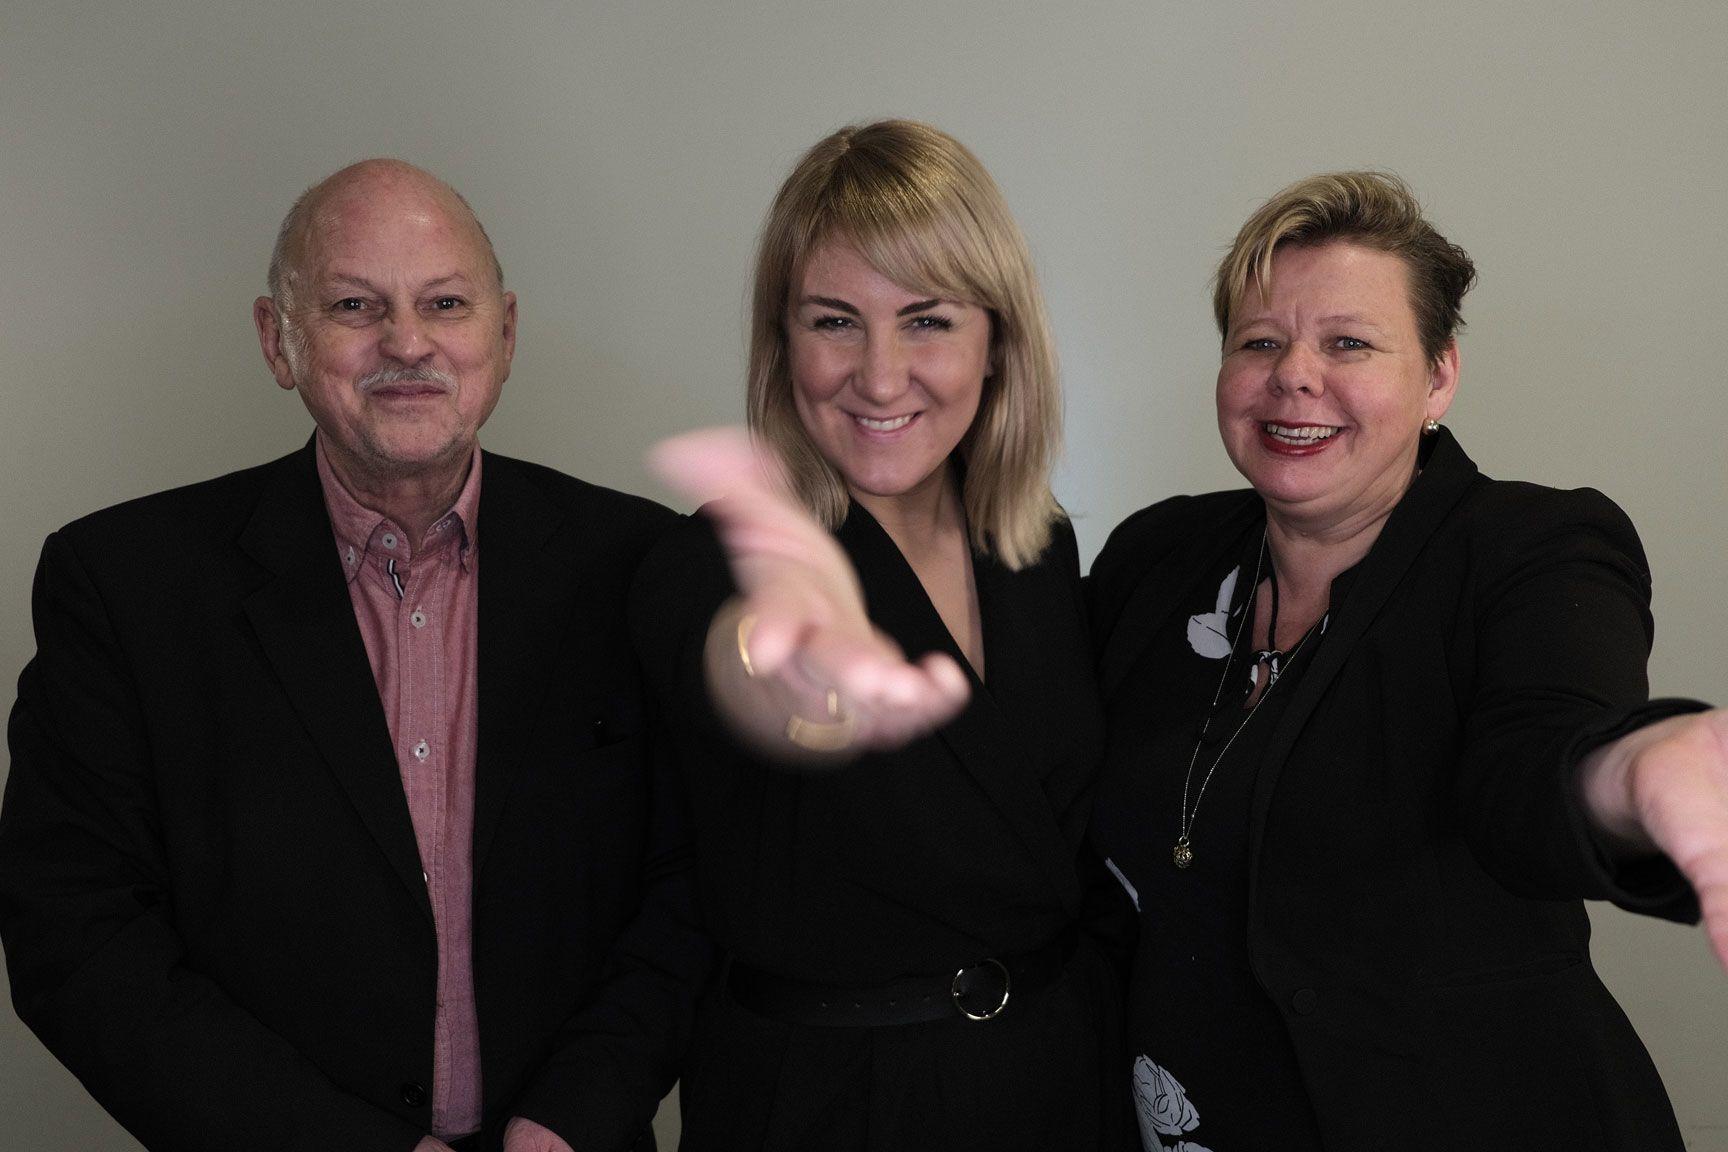 Roger Ryberg, Tonje Brenna og Siv Henriette Jakobsen er glade for å være valgt som toppkandidater i Viken